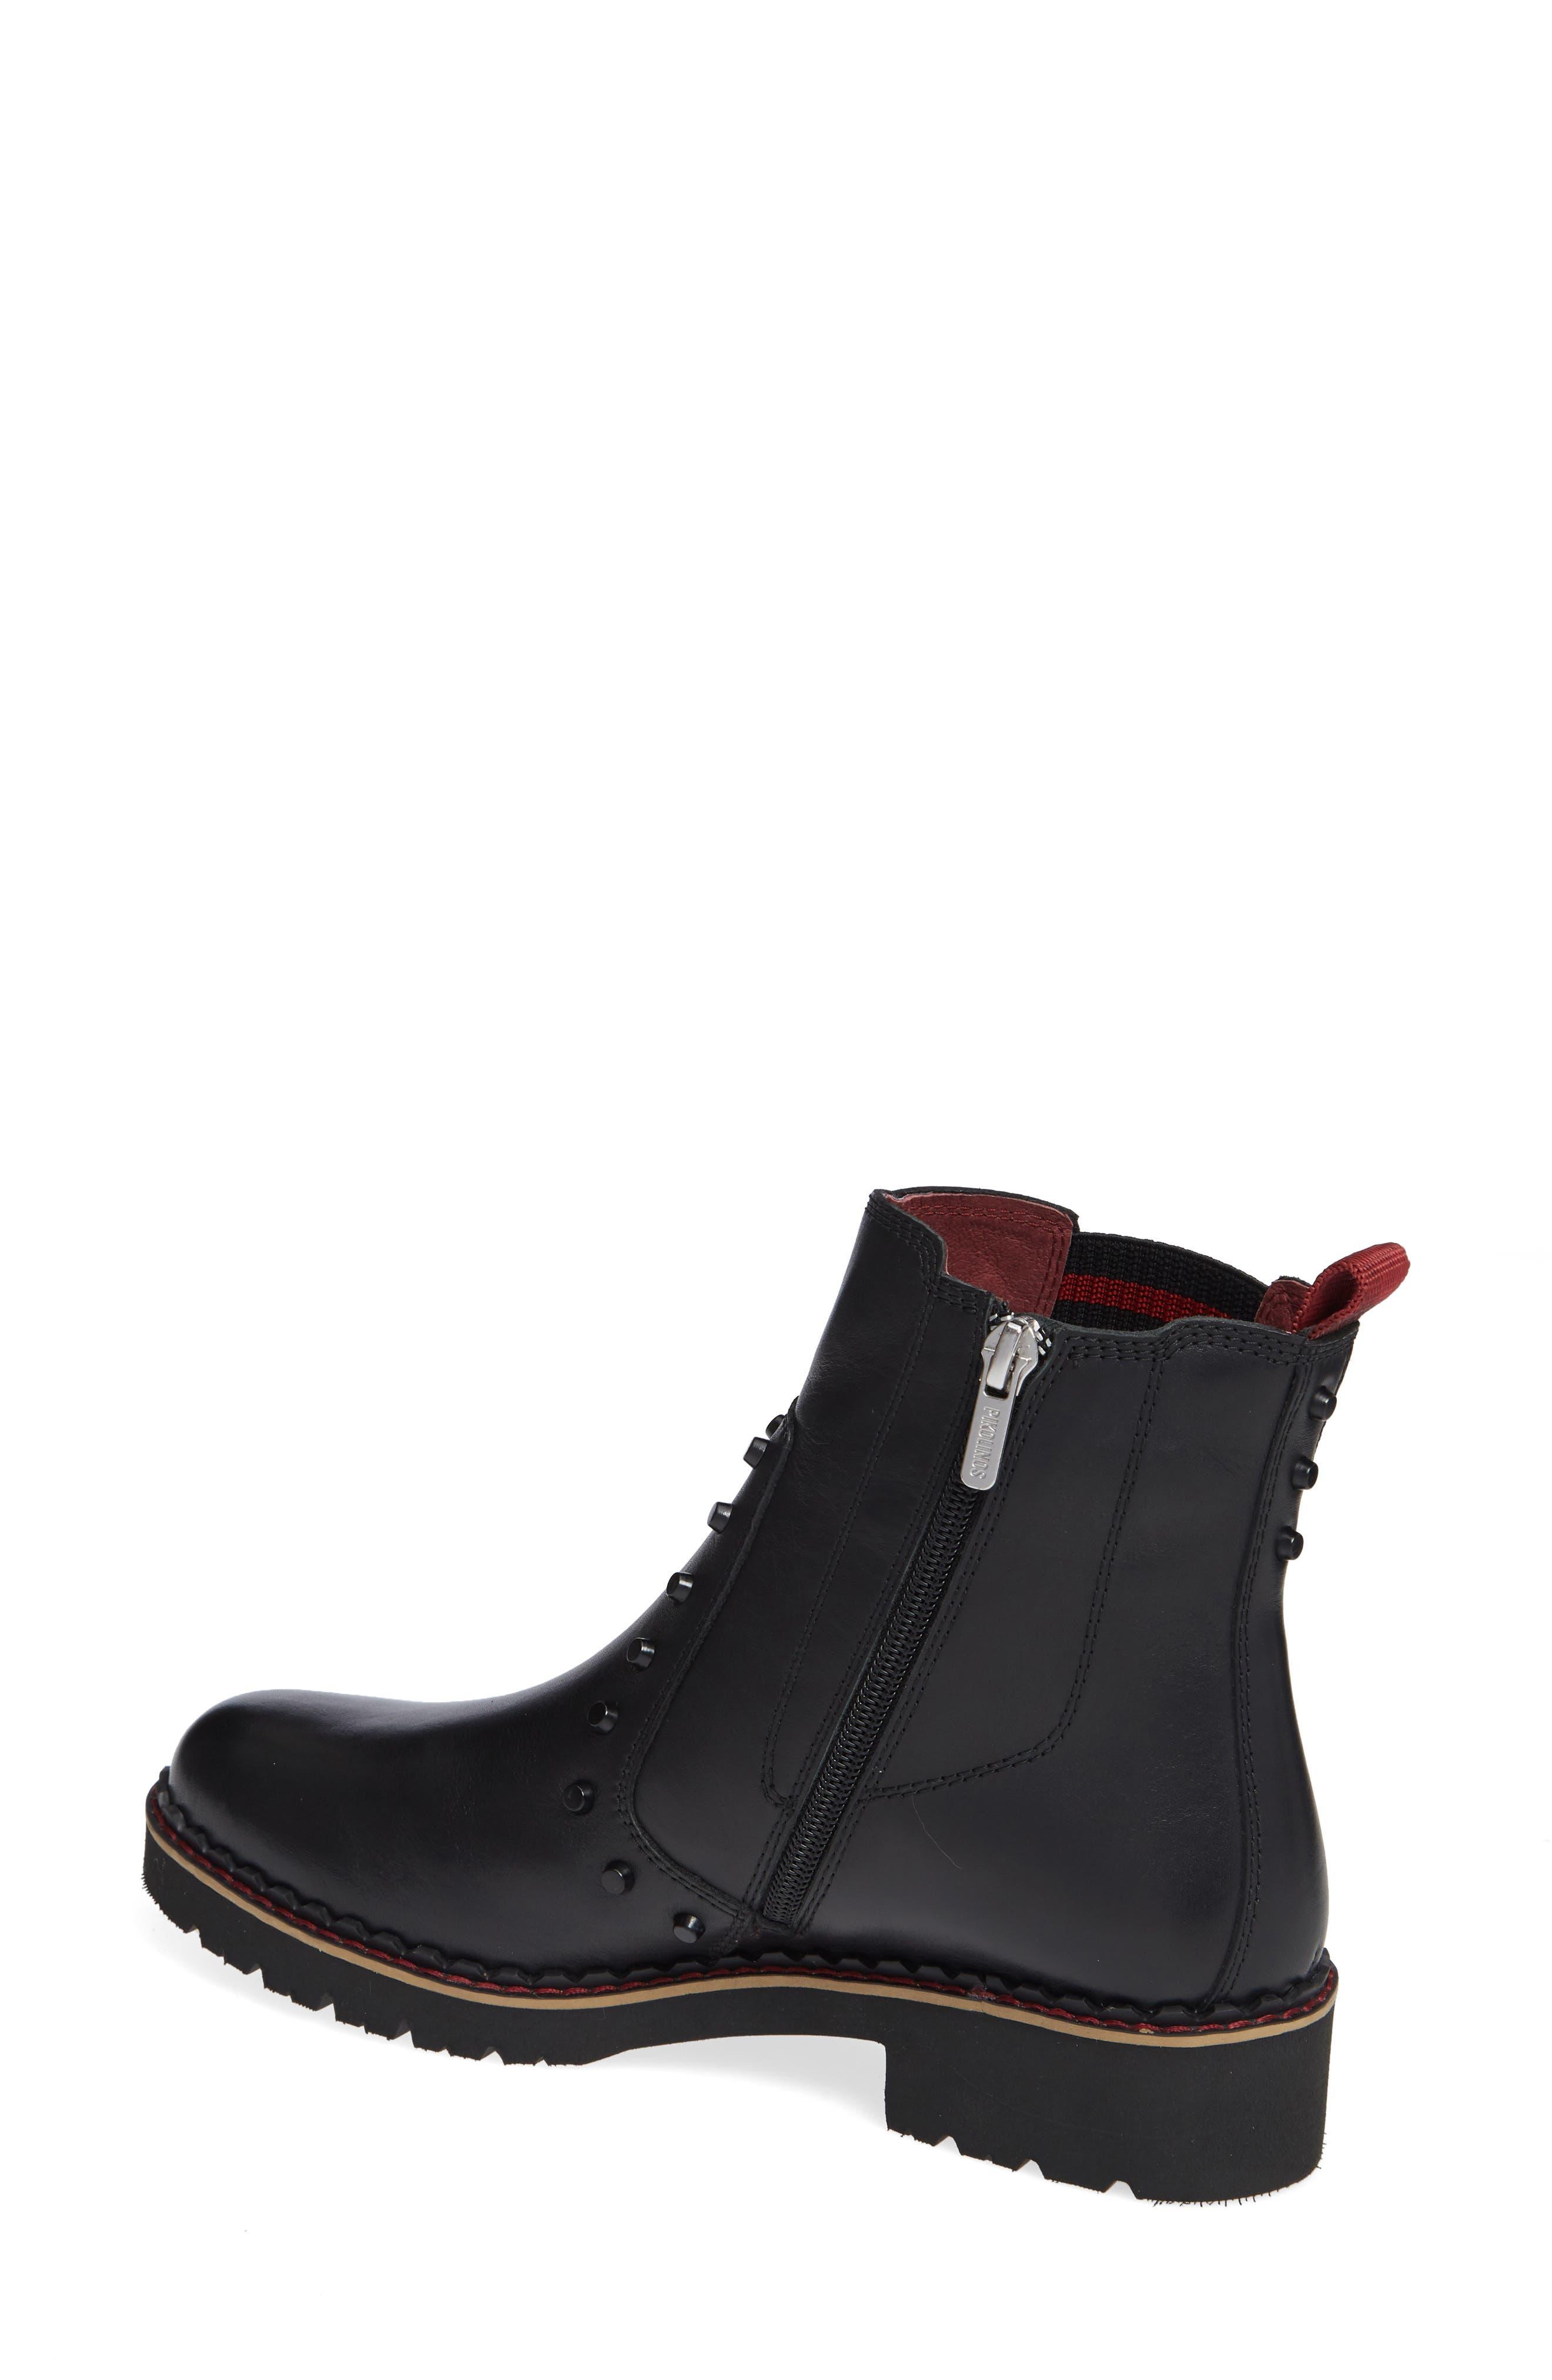 e903b9372998 Women s PIKOLINOS Boots